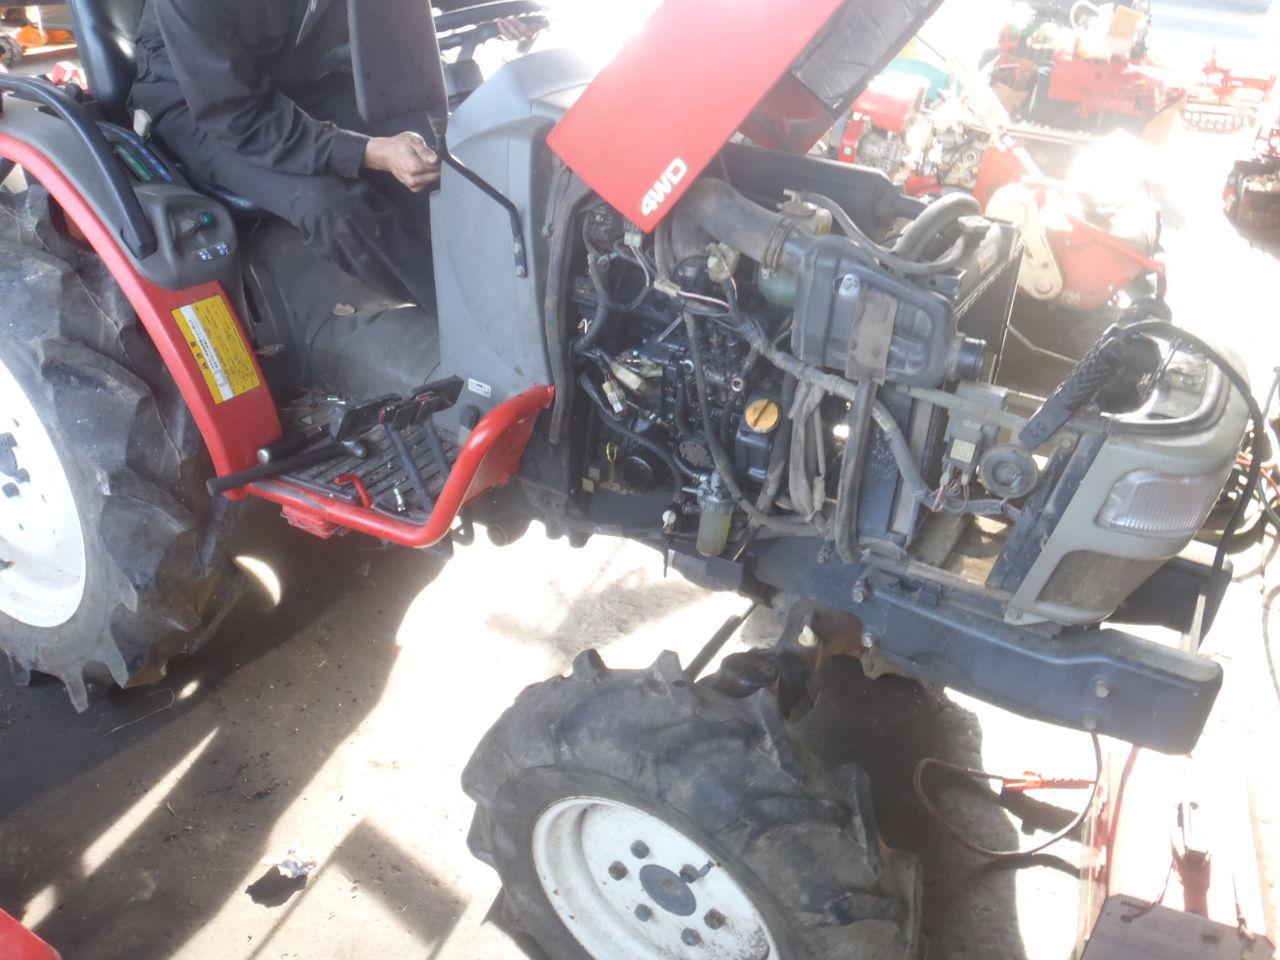 ヤンマートラクター F250修理 : 有木機工(鹿児島)の中古農機・修理情報